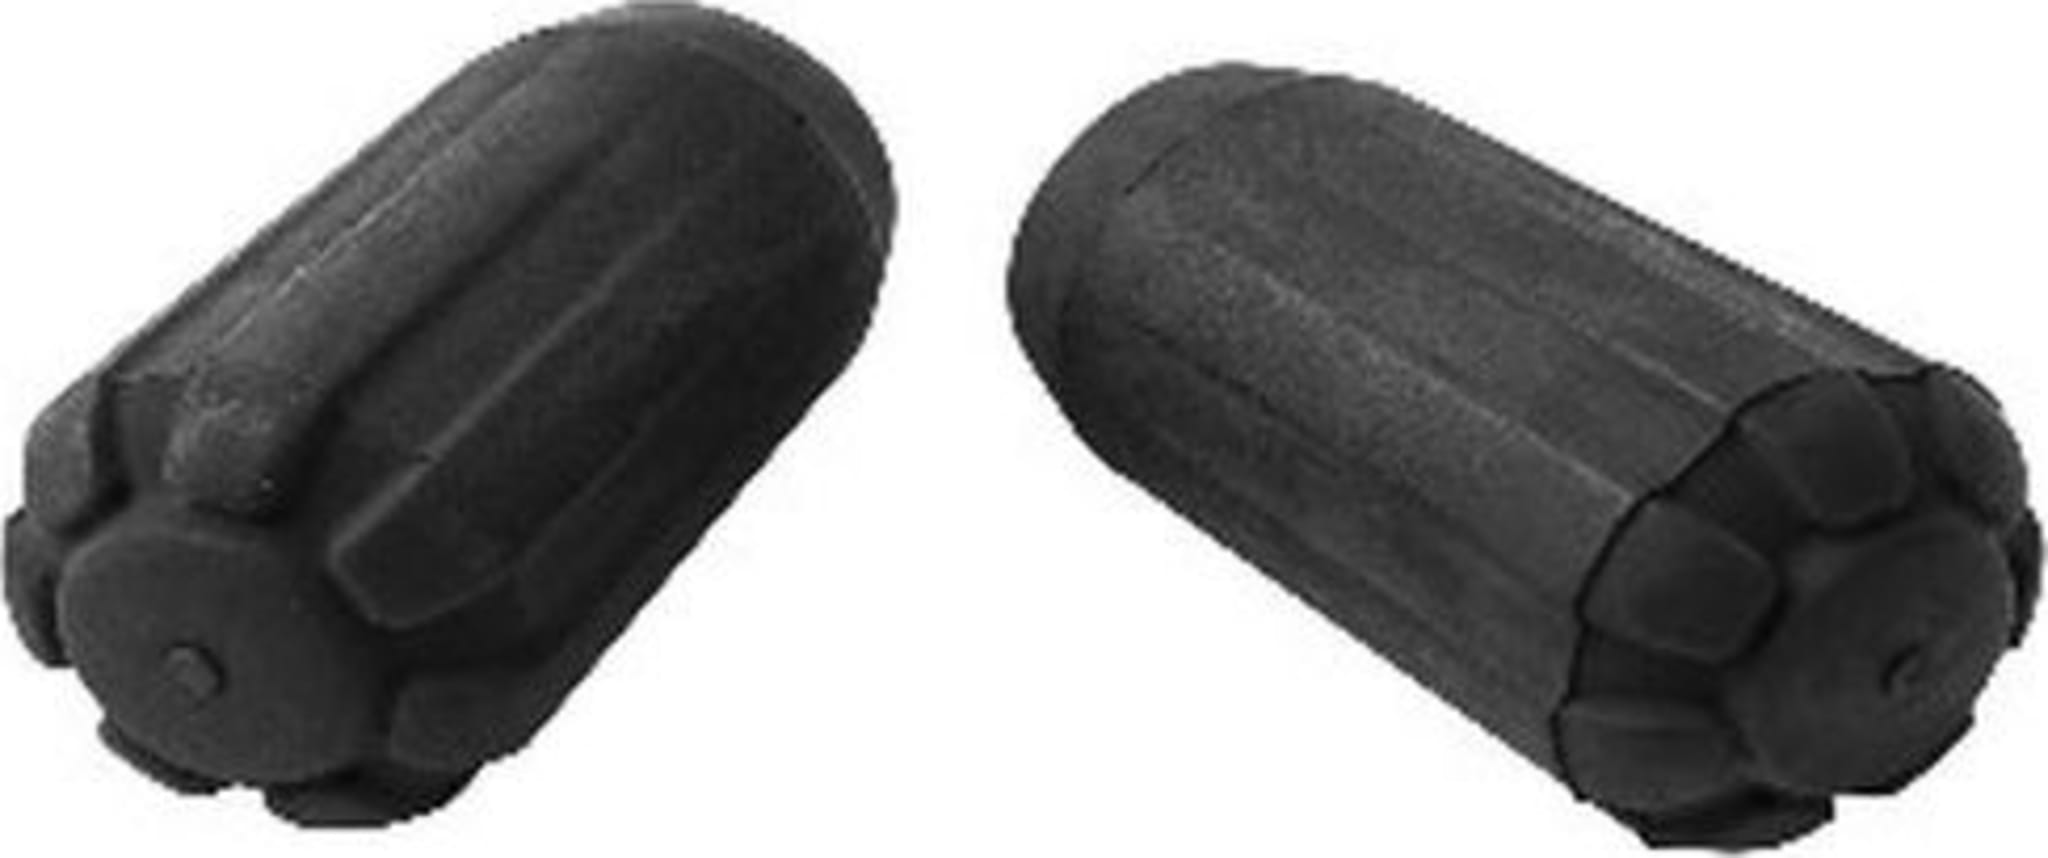 Plastikkappe til å dekke over ståltuppene på Black Diamond staver